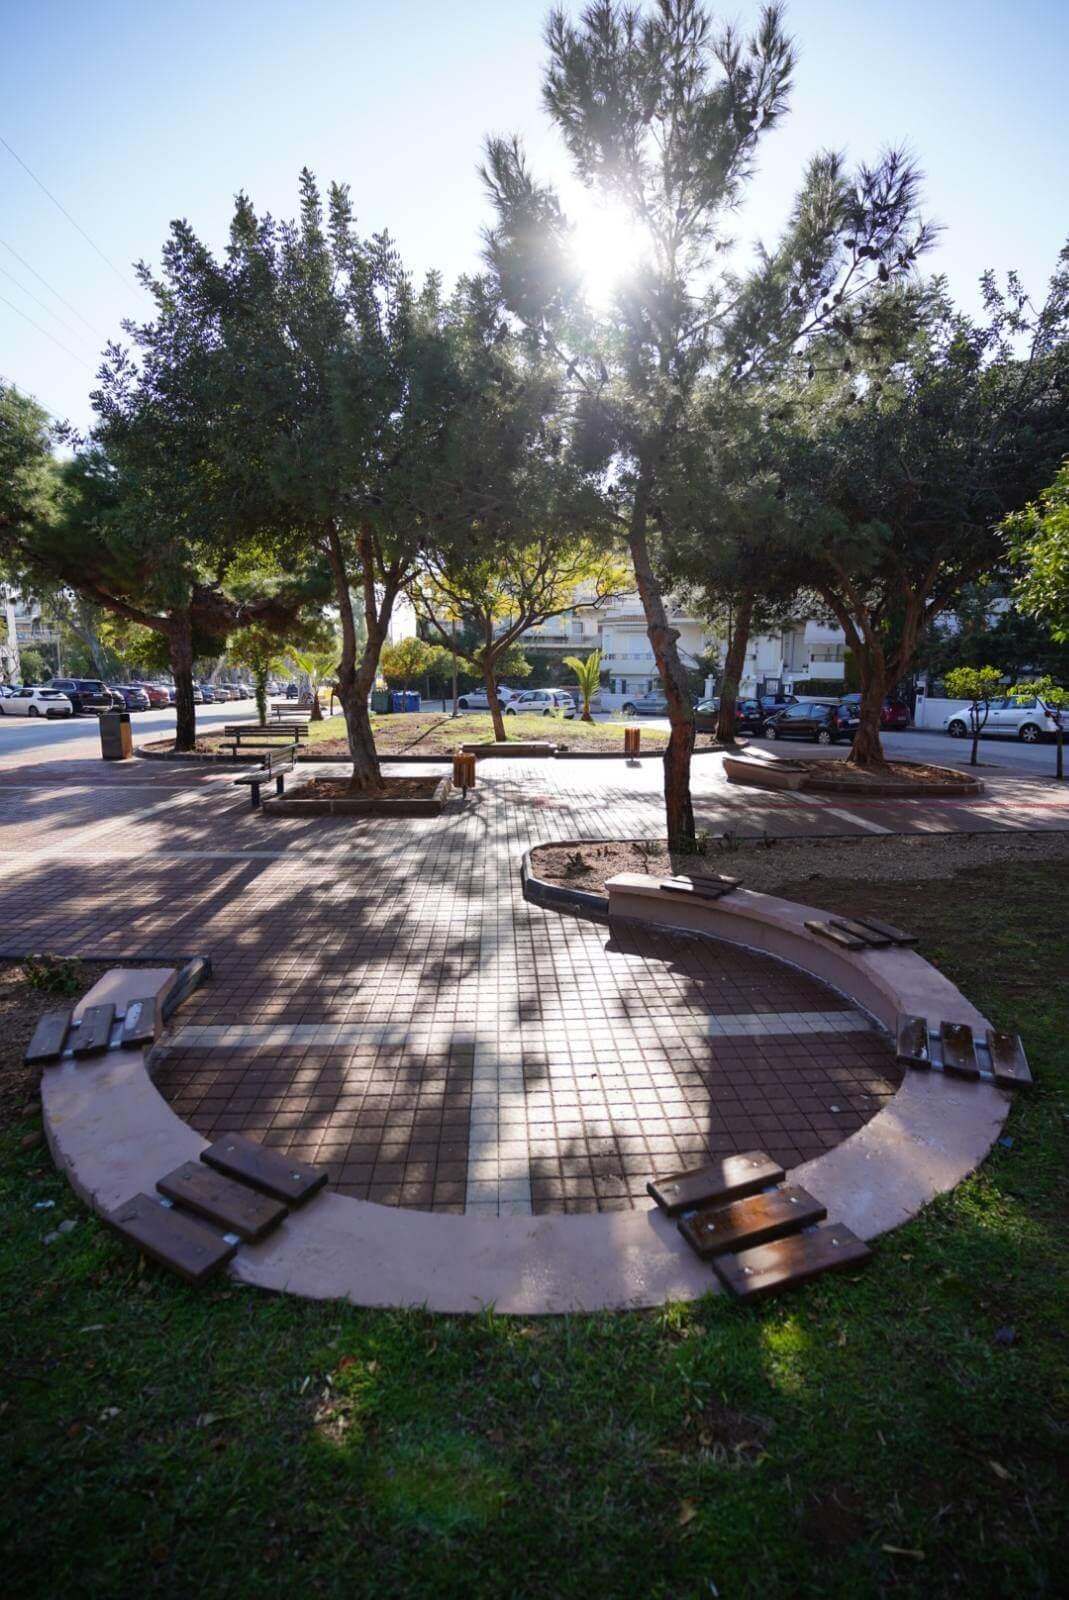 Μια νέα πλατεία «κόσμημα» ξεπρόβαλε στη Γλυφάδα